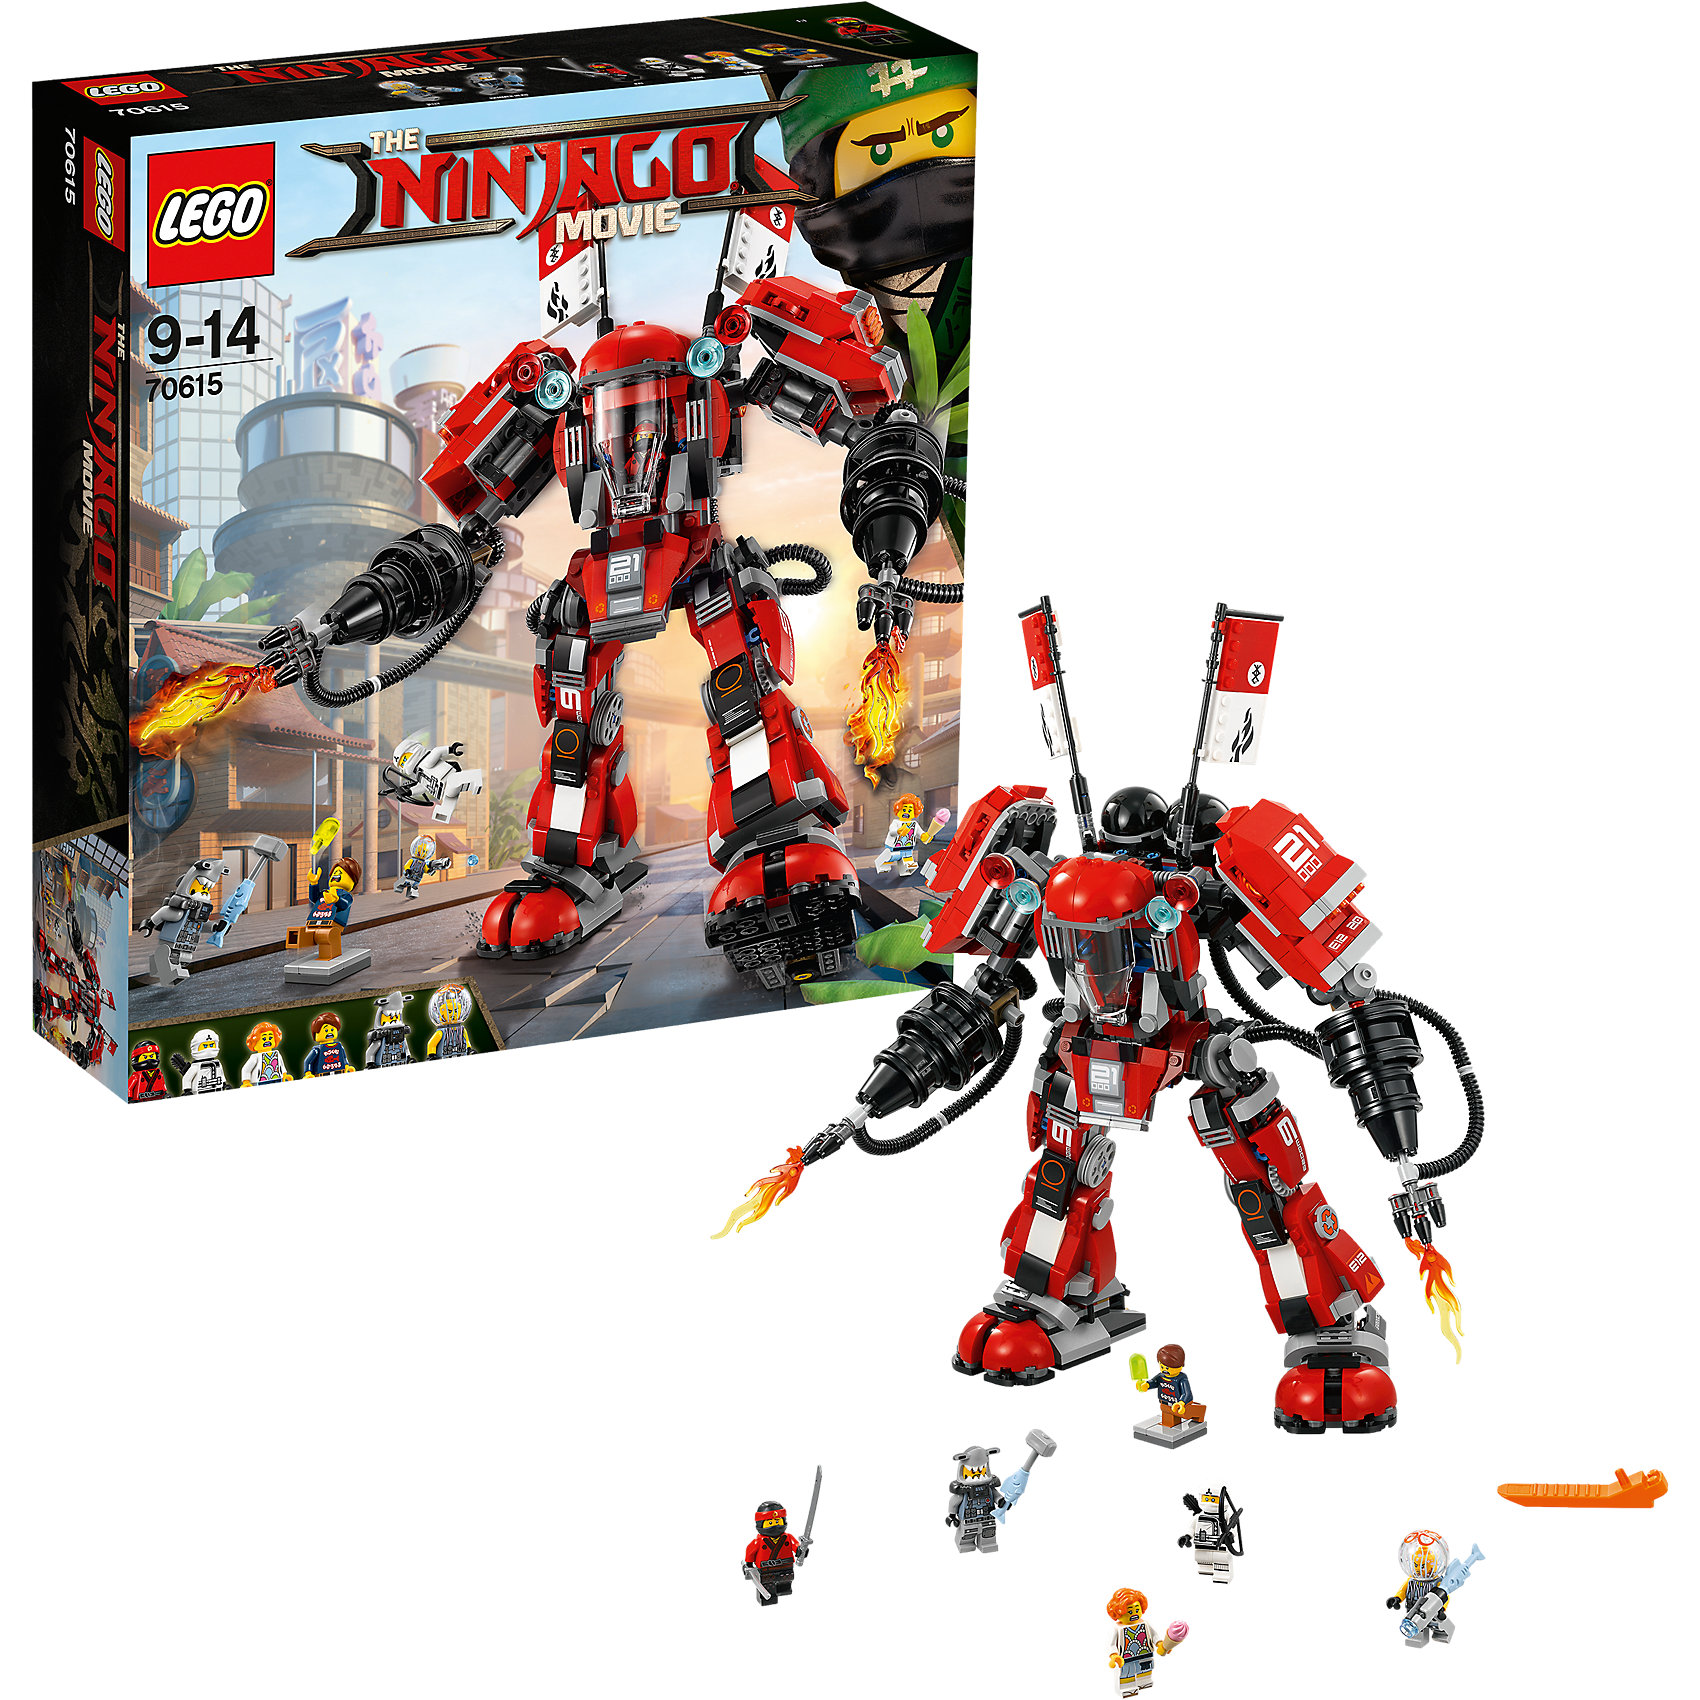 LEGO NINJAGO 70615: Огненный робот КаяПластмассовые конструкторы<br><br><br>Ширина мм: 378<br>Глубина мм: 352<br>Высота мм: 99<br>Вес г: 1345<br>Возраст от месяцев: 108<br>Возраст до месяцев: 168<br>Пол: Мужской<br>Возраст: Детский<br>SKU: 5619996